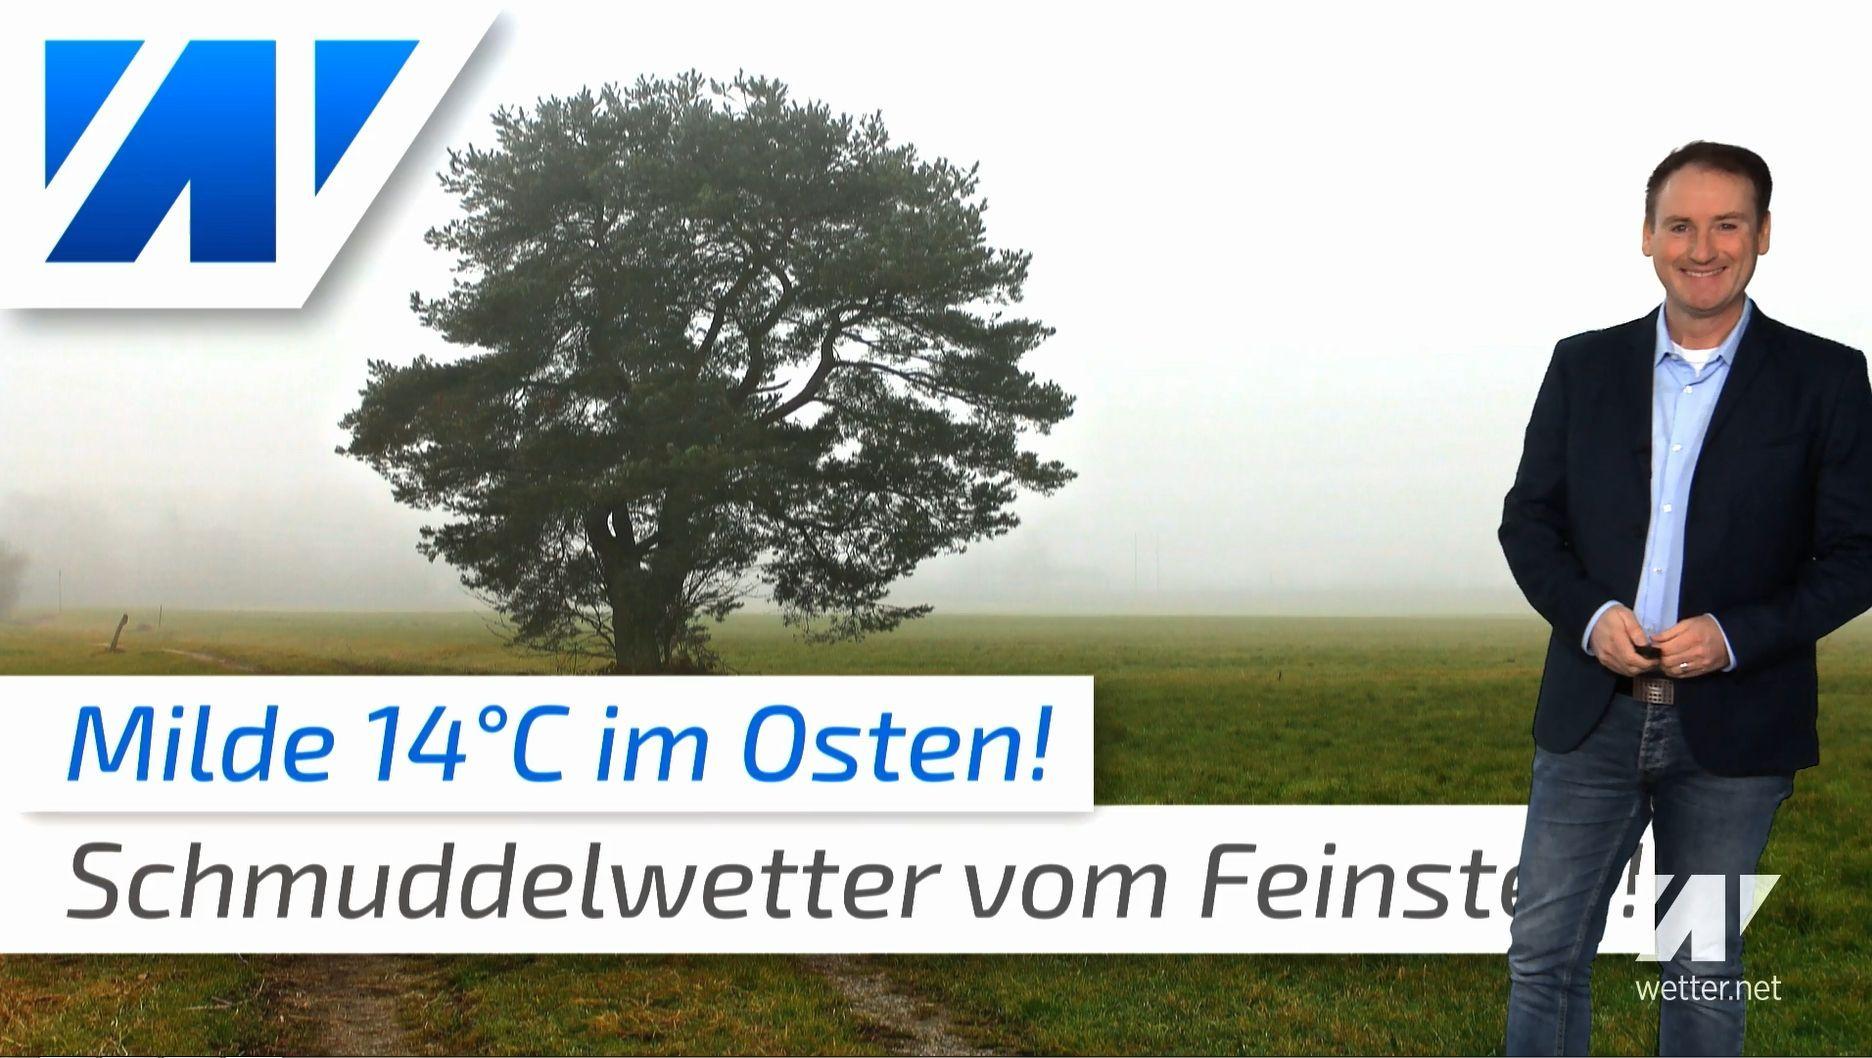 14°C im November: Schmuddelwetter vom Feinsten!